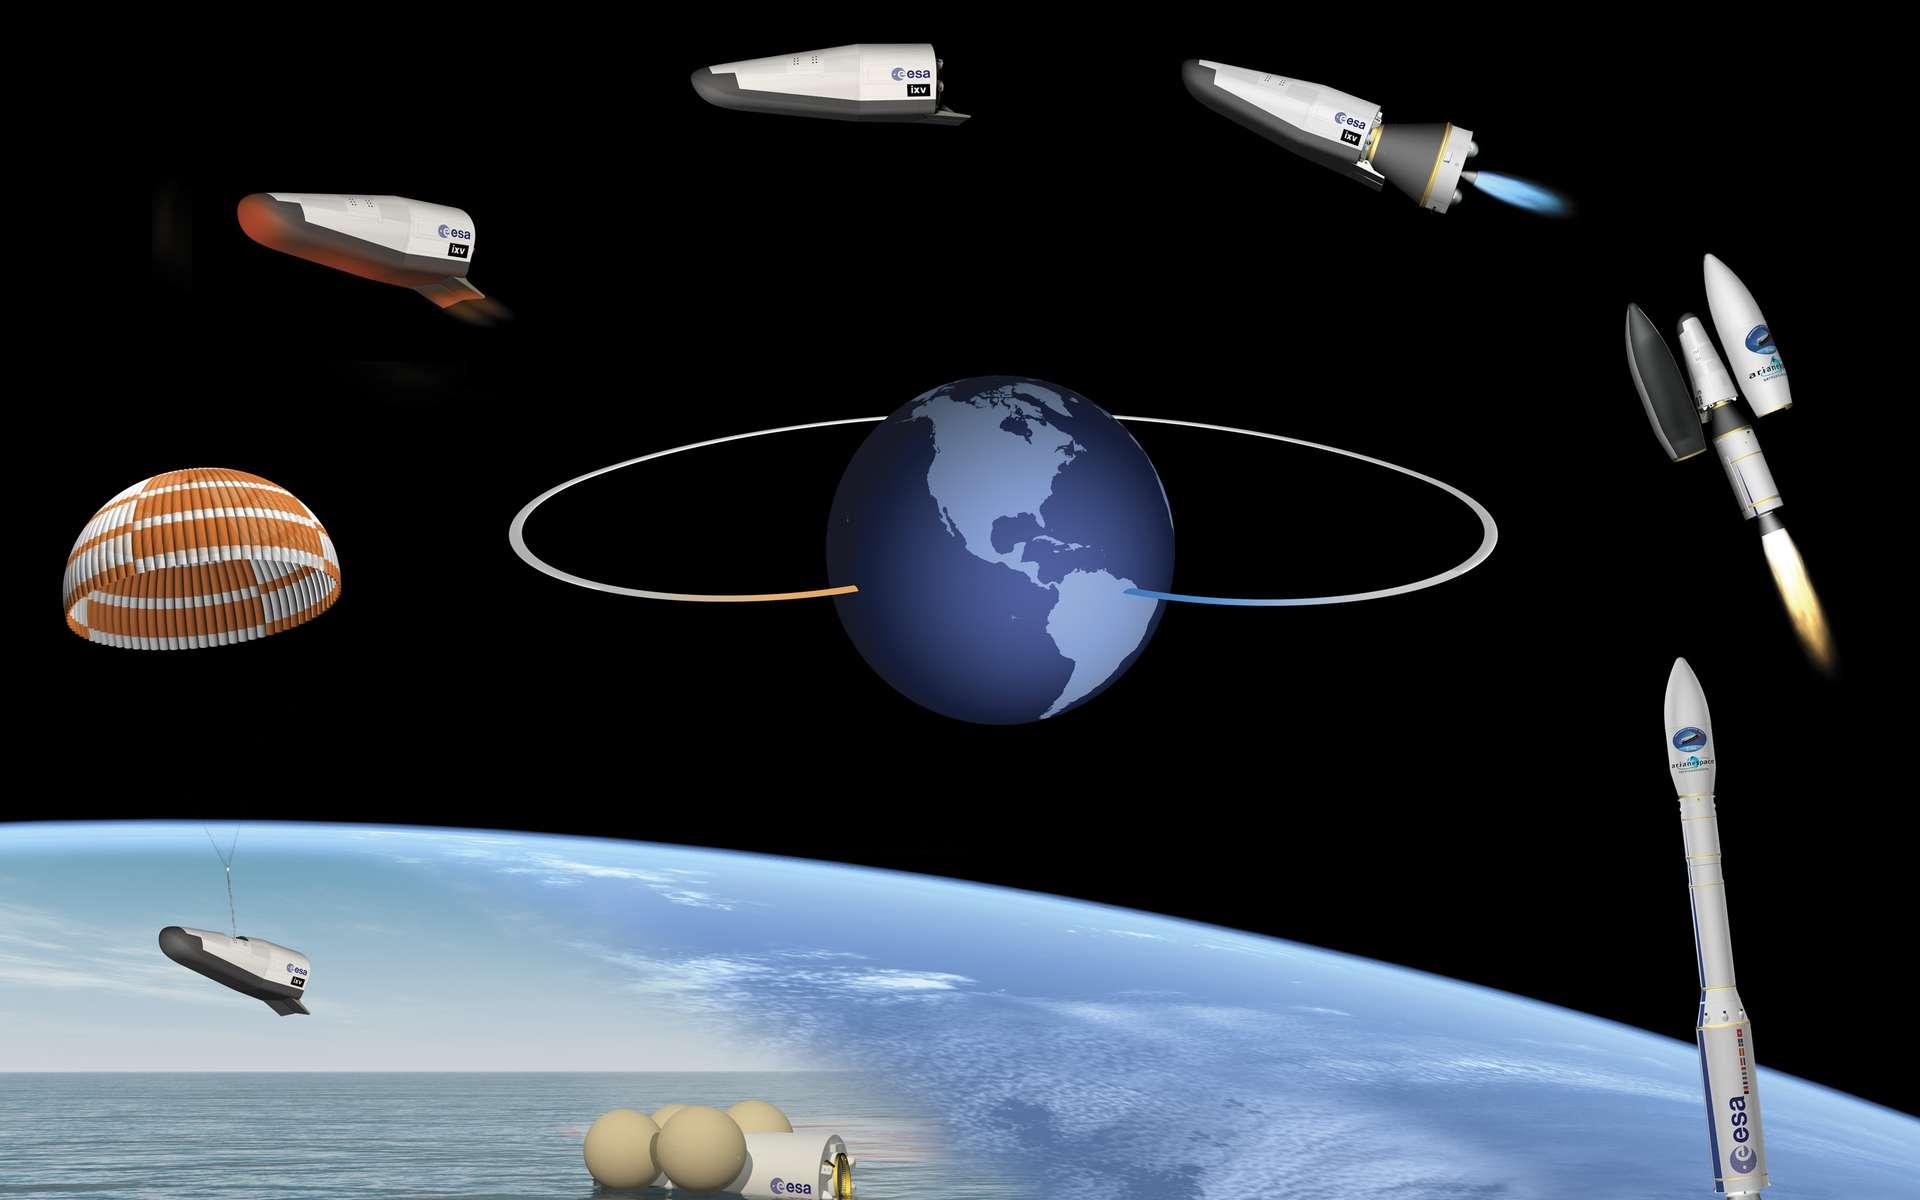 Le vol suborbital du IXV : après le lancement par une fusée Vega depuis Kourou, l'engin sans ailes mais à corps portant descendra en phase pilotée au-dessus de l'océan Pacifique avant le déploiement du parachute. © ESA–J. Huart, 2014